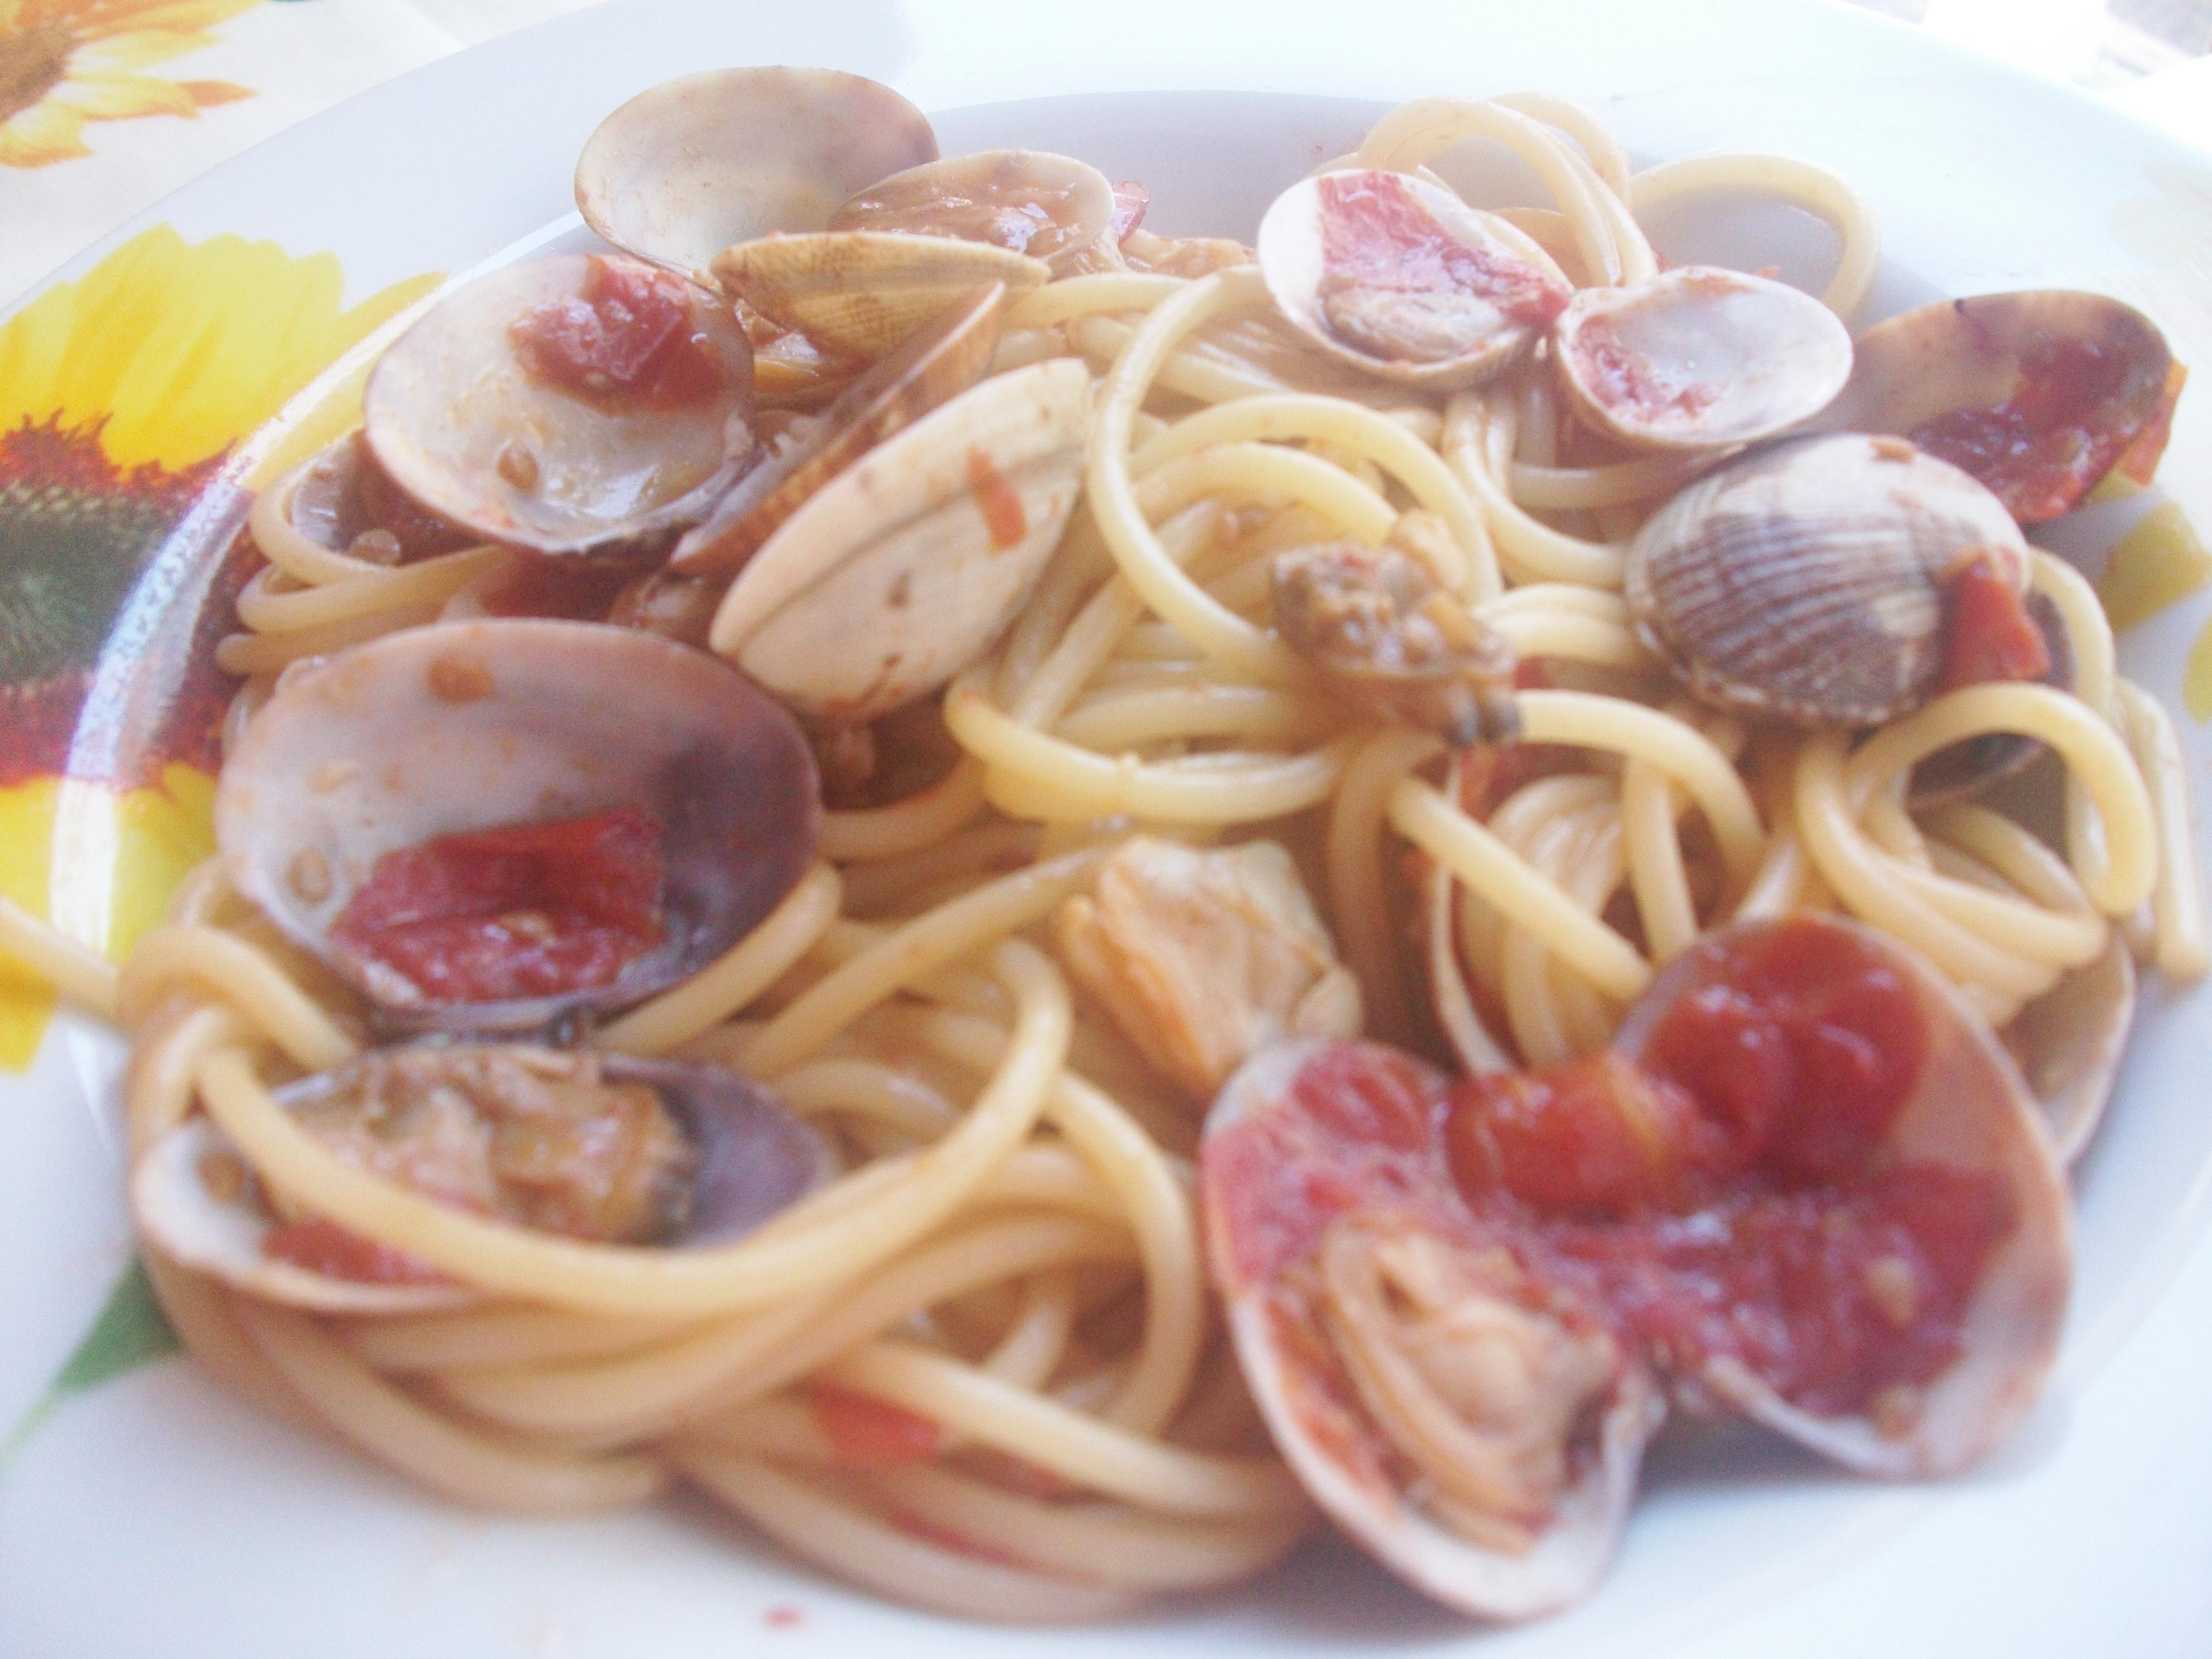 Quando il sugo degli spaghetti sarà quasi pronto, lessare la pasta e dopo esser stata scolata passare alla mantecatura in padella, poi impiattare immediatamente.